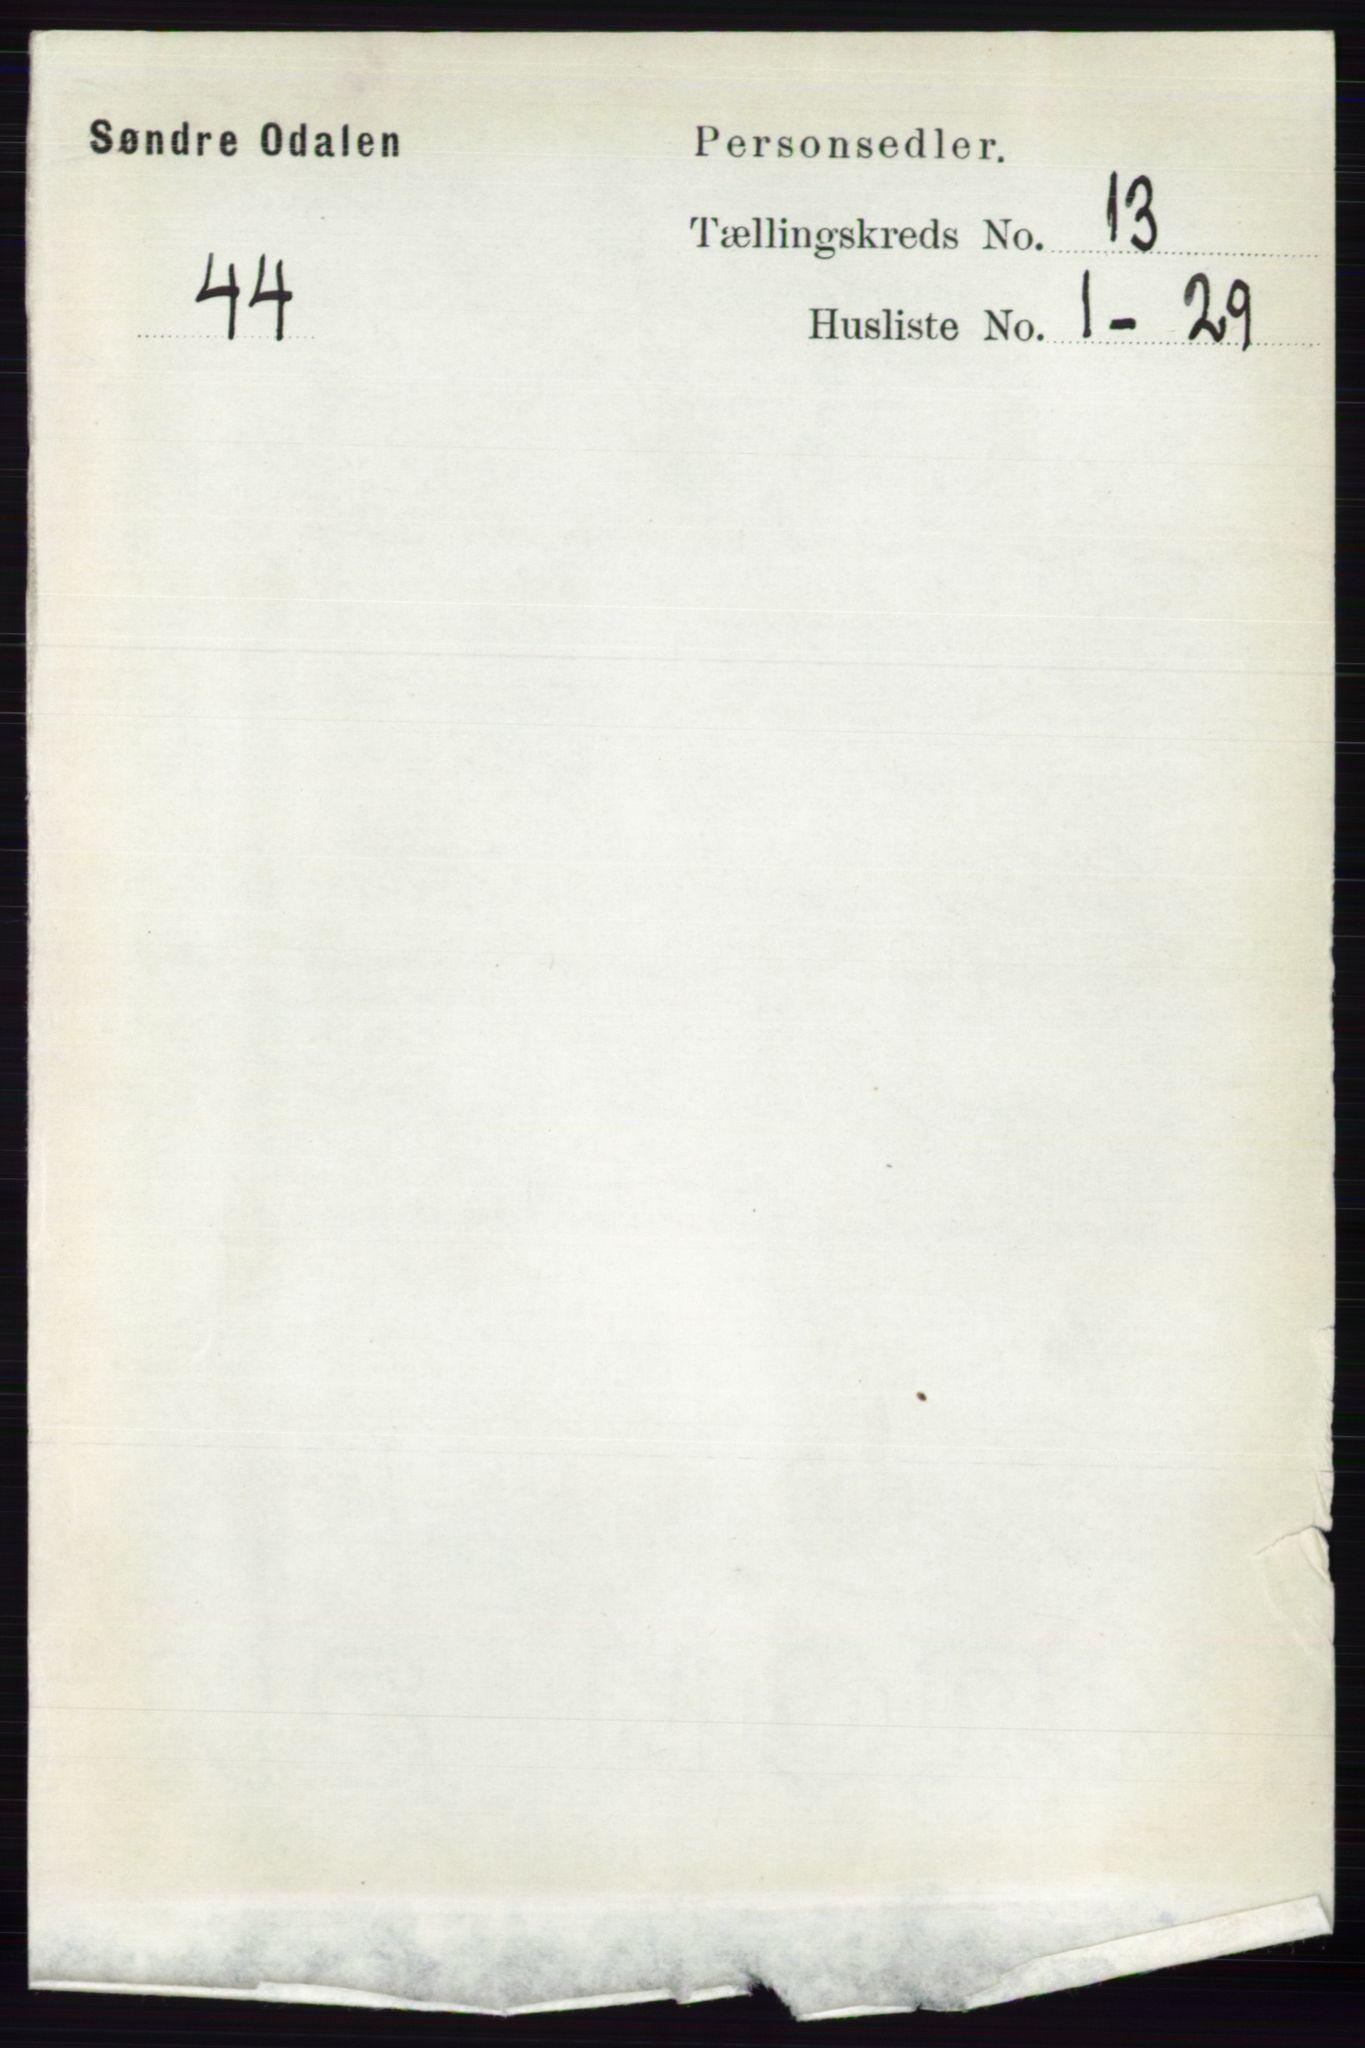 RA, Folketelling 1891 for 0419 Sør-Odal herred, 1891, s. 5561